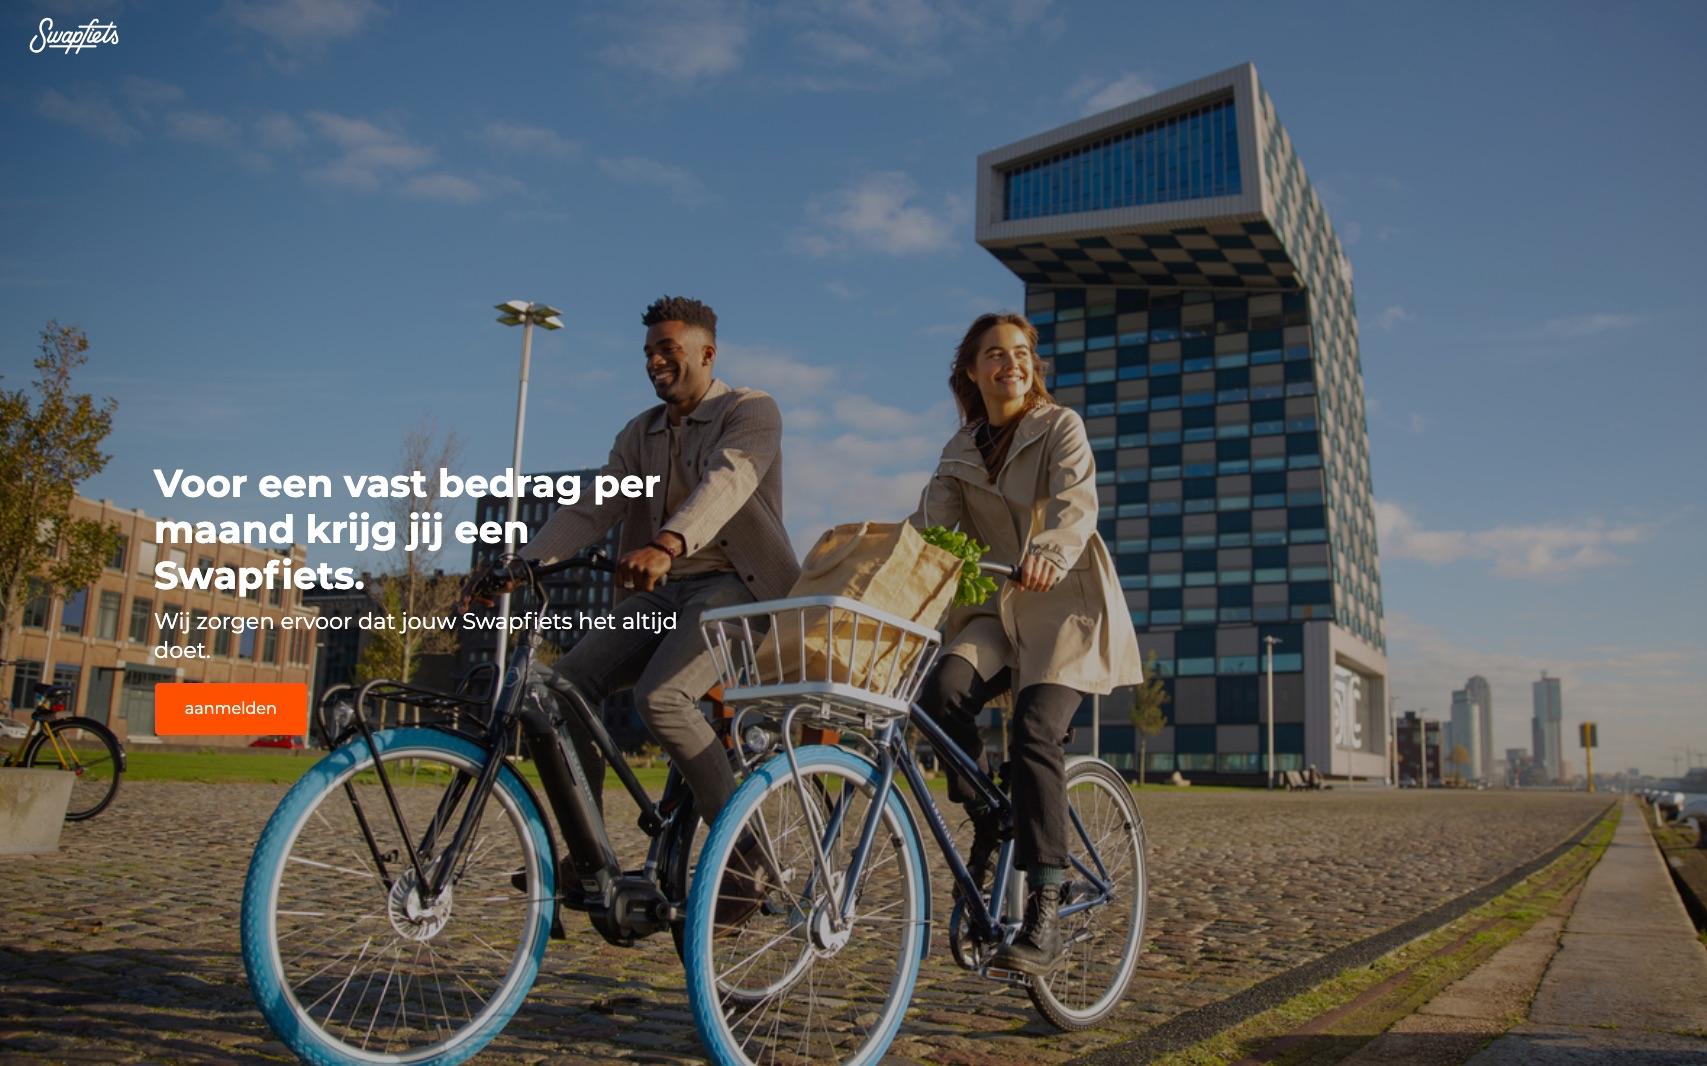 Schermafbeelding van swapfietsen.nl, een goed voorbeeld van een header waarmee je leads kunt genereren.